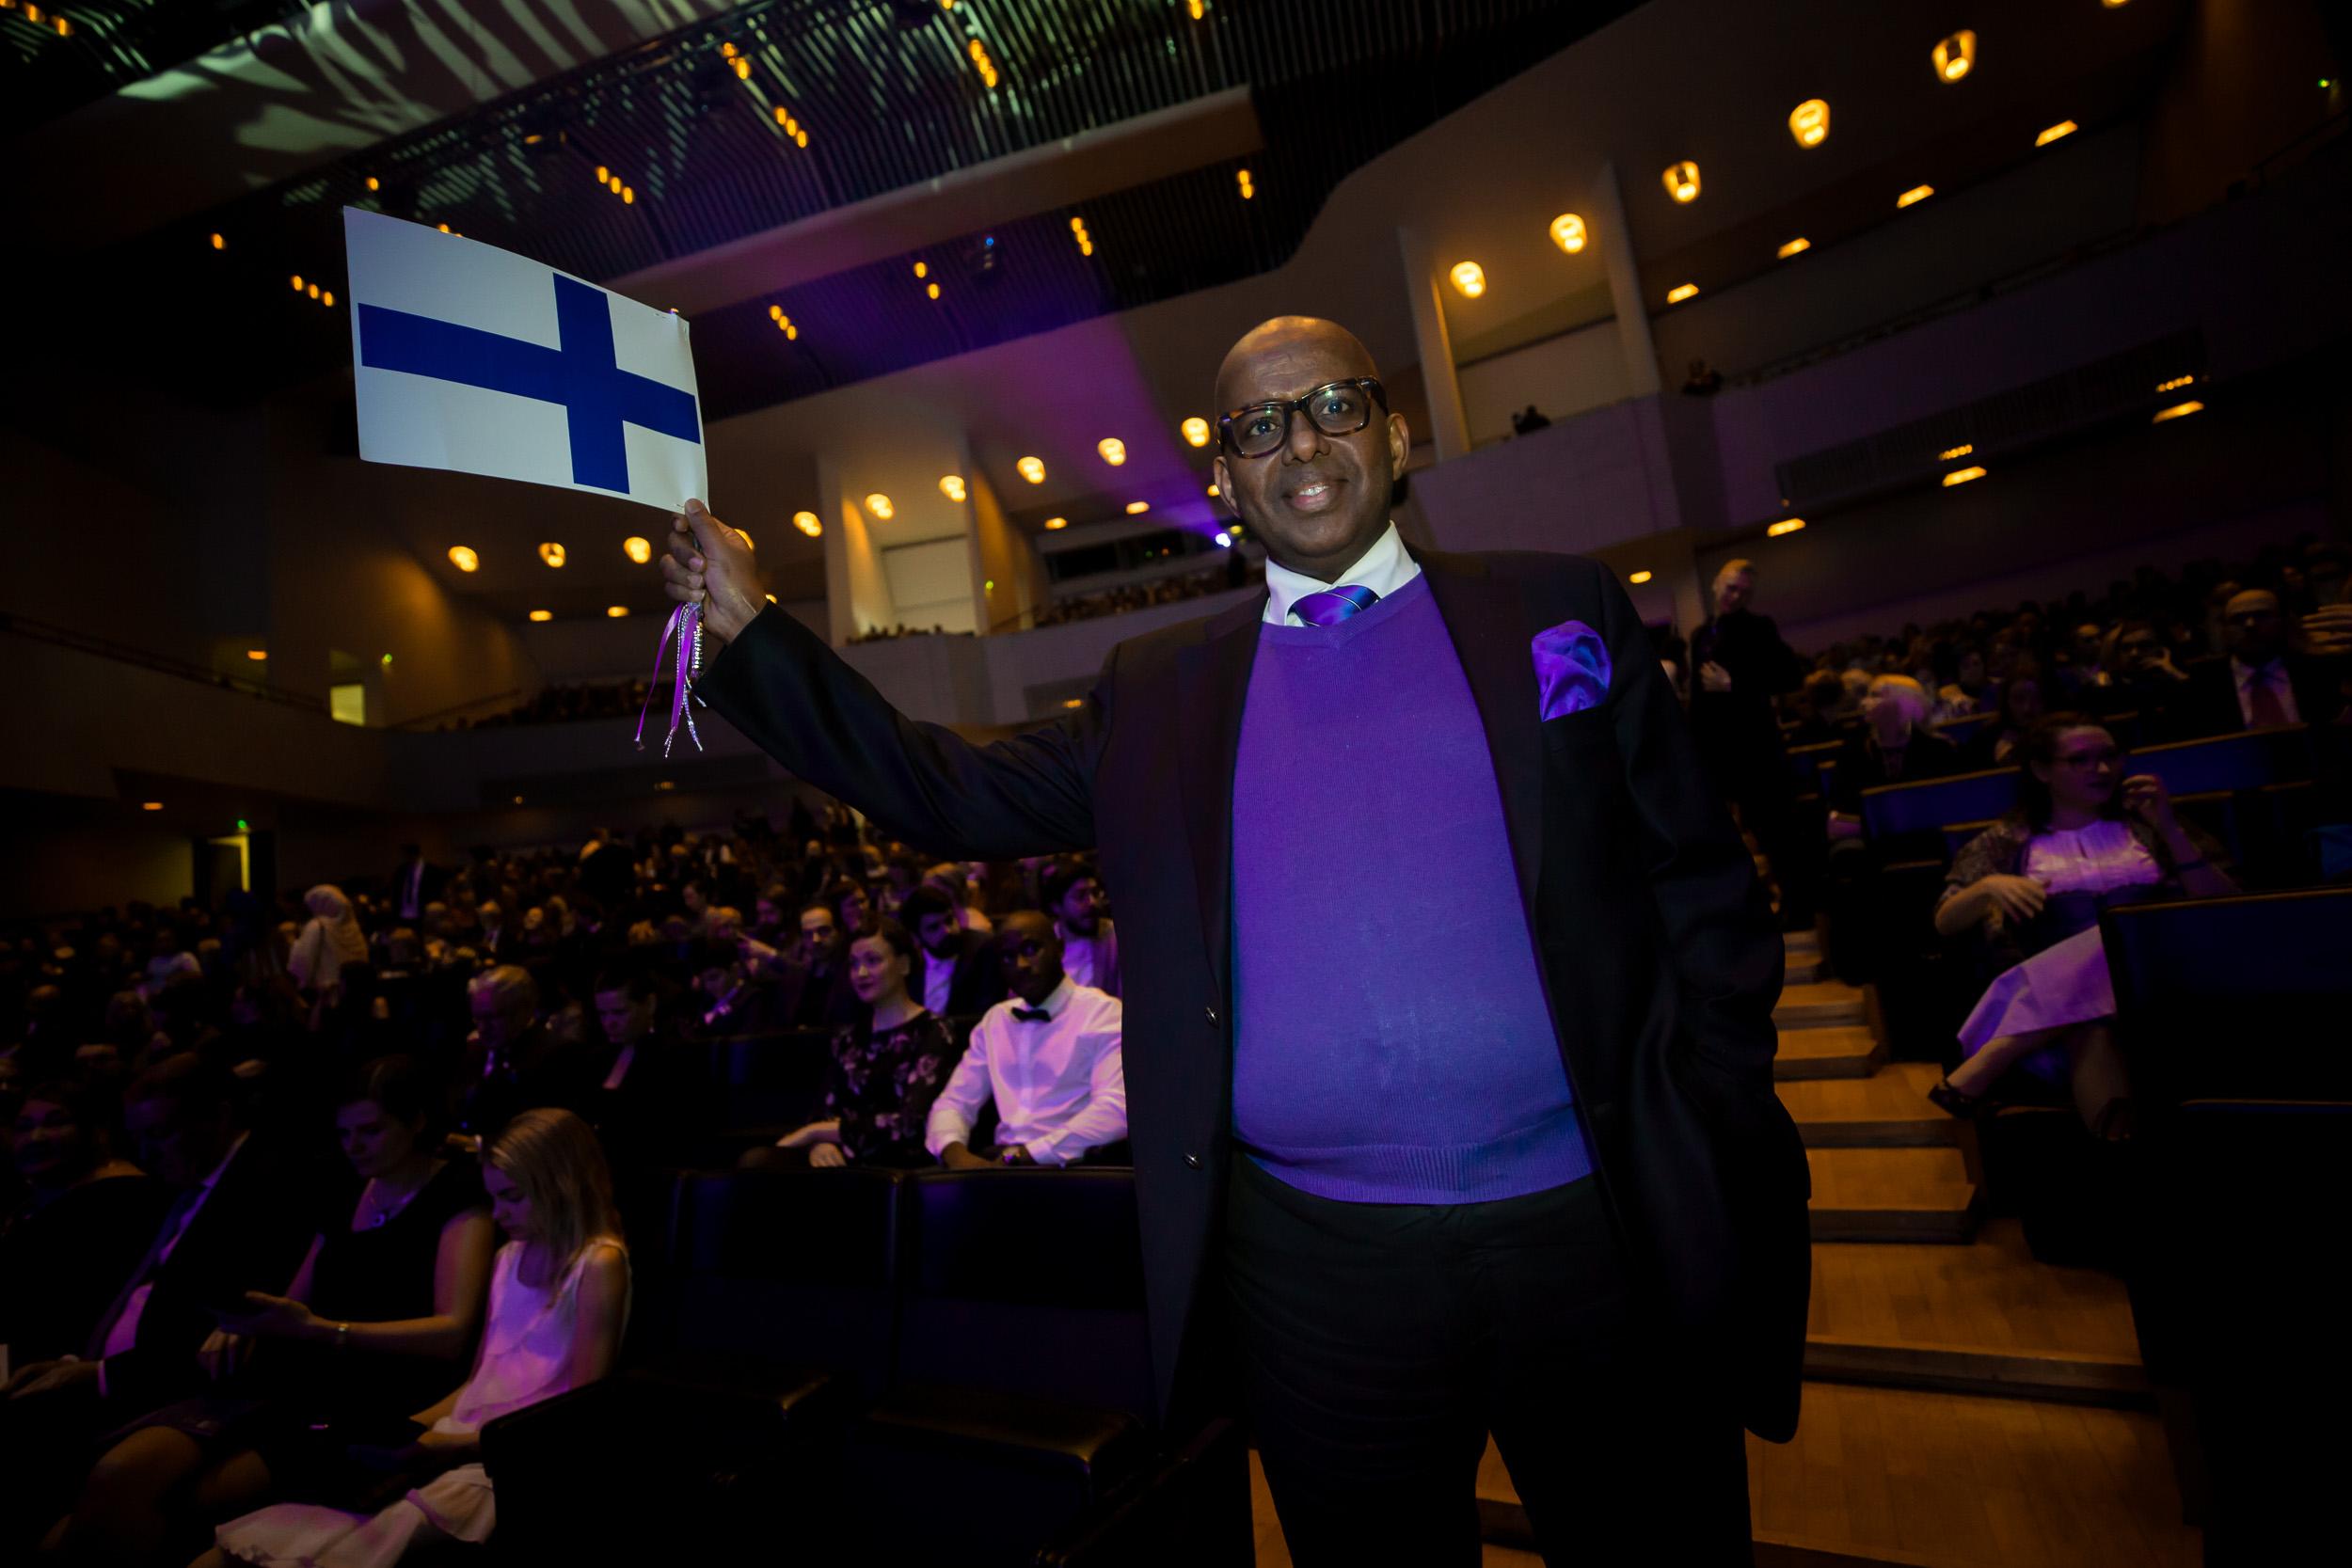 Monikulttuurinen itsenäisyyspäiväjuhla 06Dec17 c Alejandro Lorenzo 057.jpg